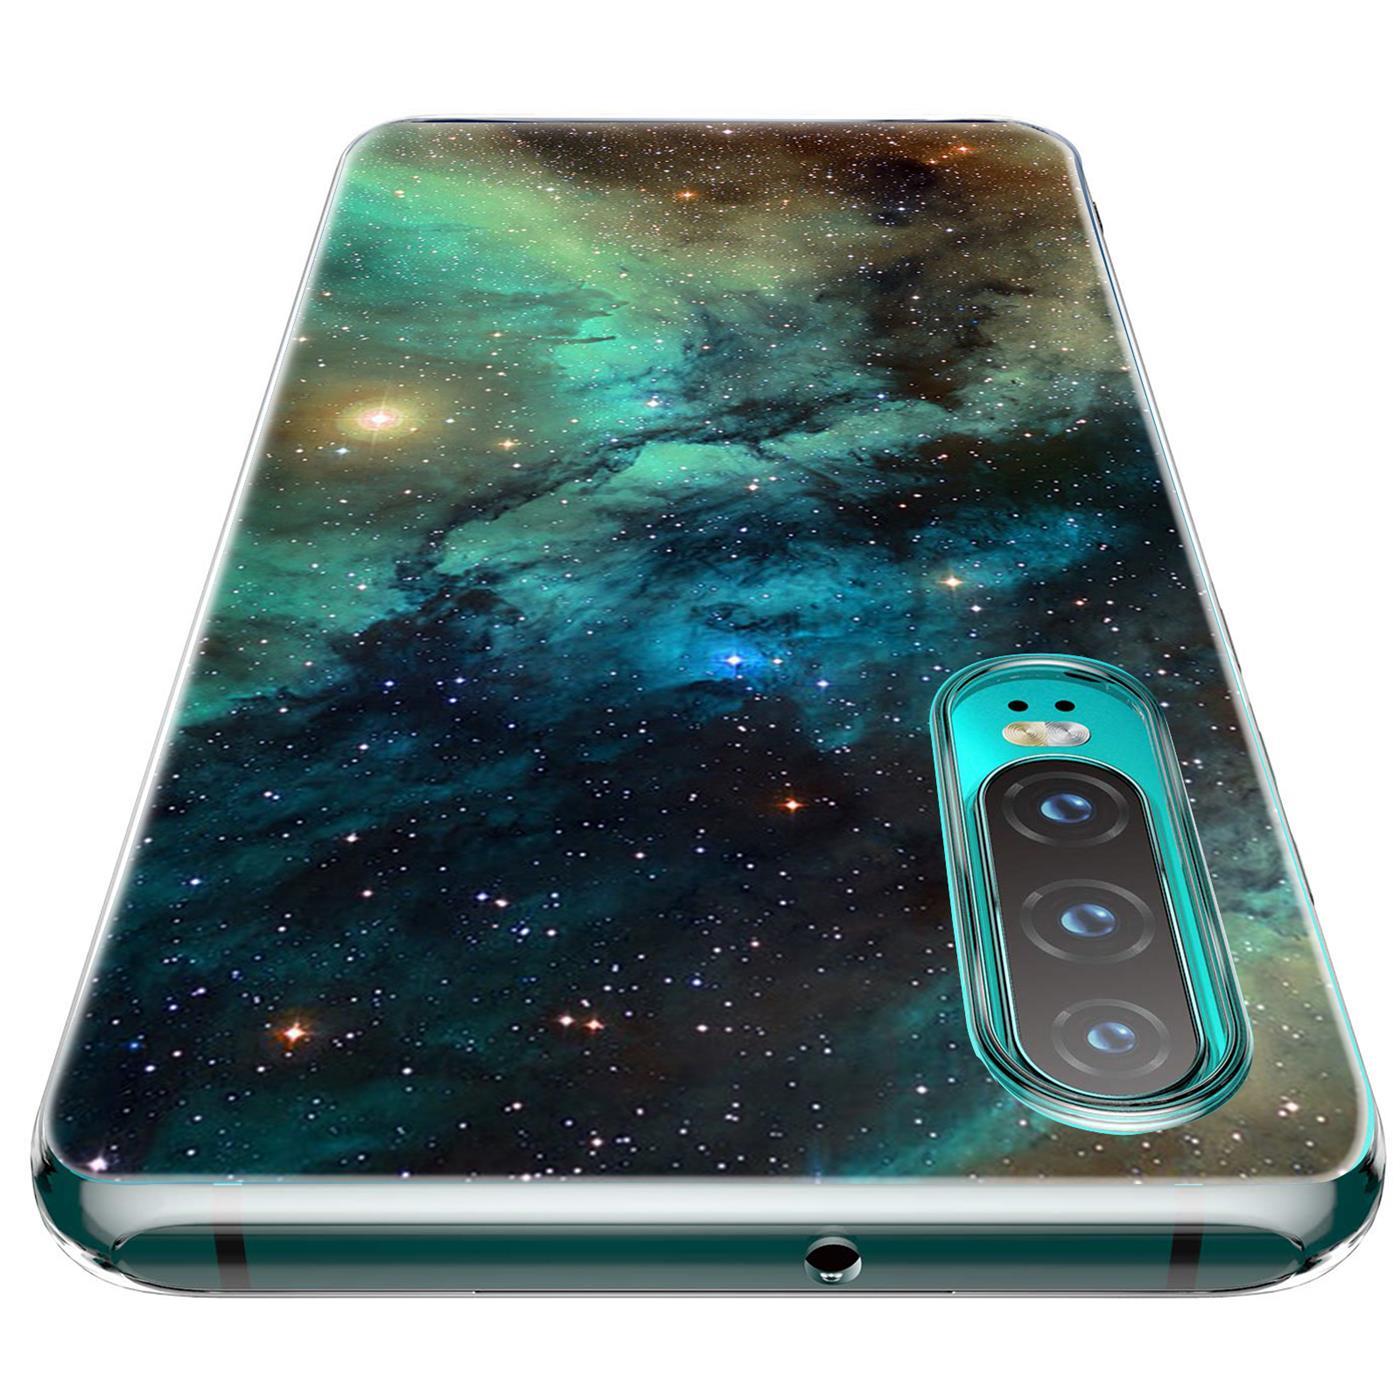 Huawei-P30-Lite-Motiv-Handy-Huelle-Silikon-Tasche-Schutzhuelle-Cover-Slim-TPU-Case Indexbild 8